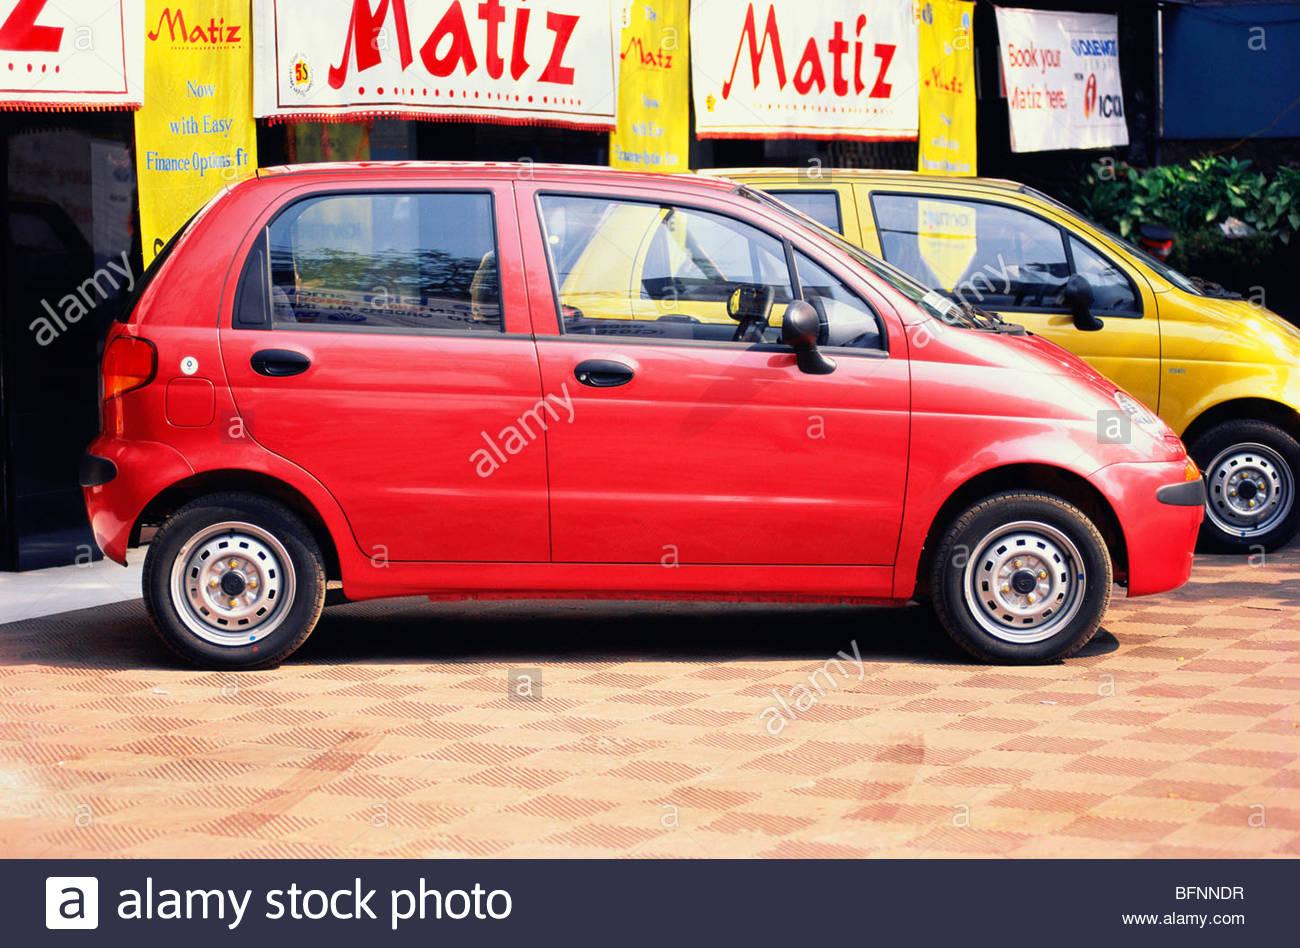 Matiz Daewoo Stock Photos & Matiz Daewoo Stock Images - Alamy